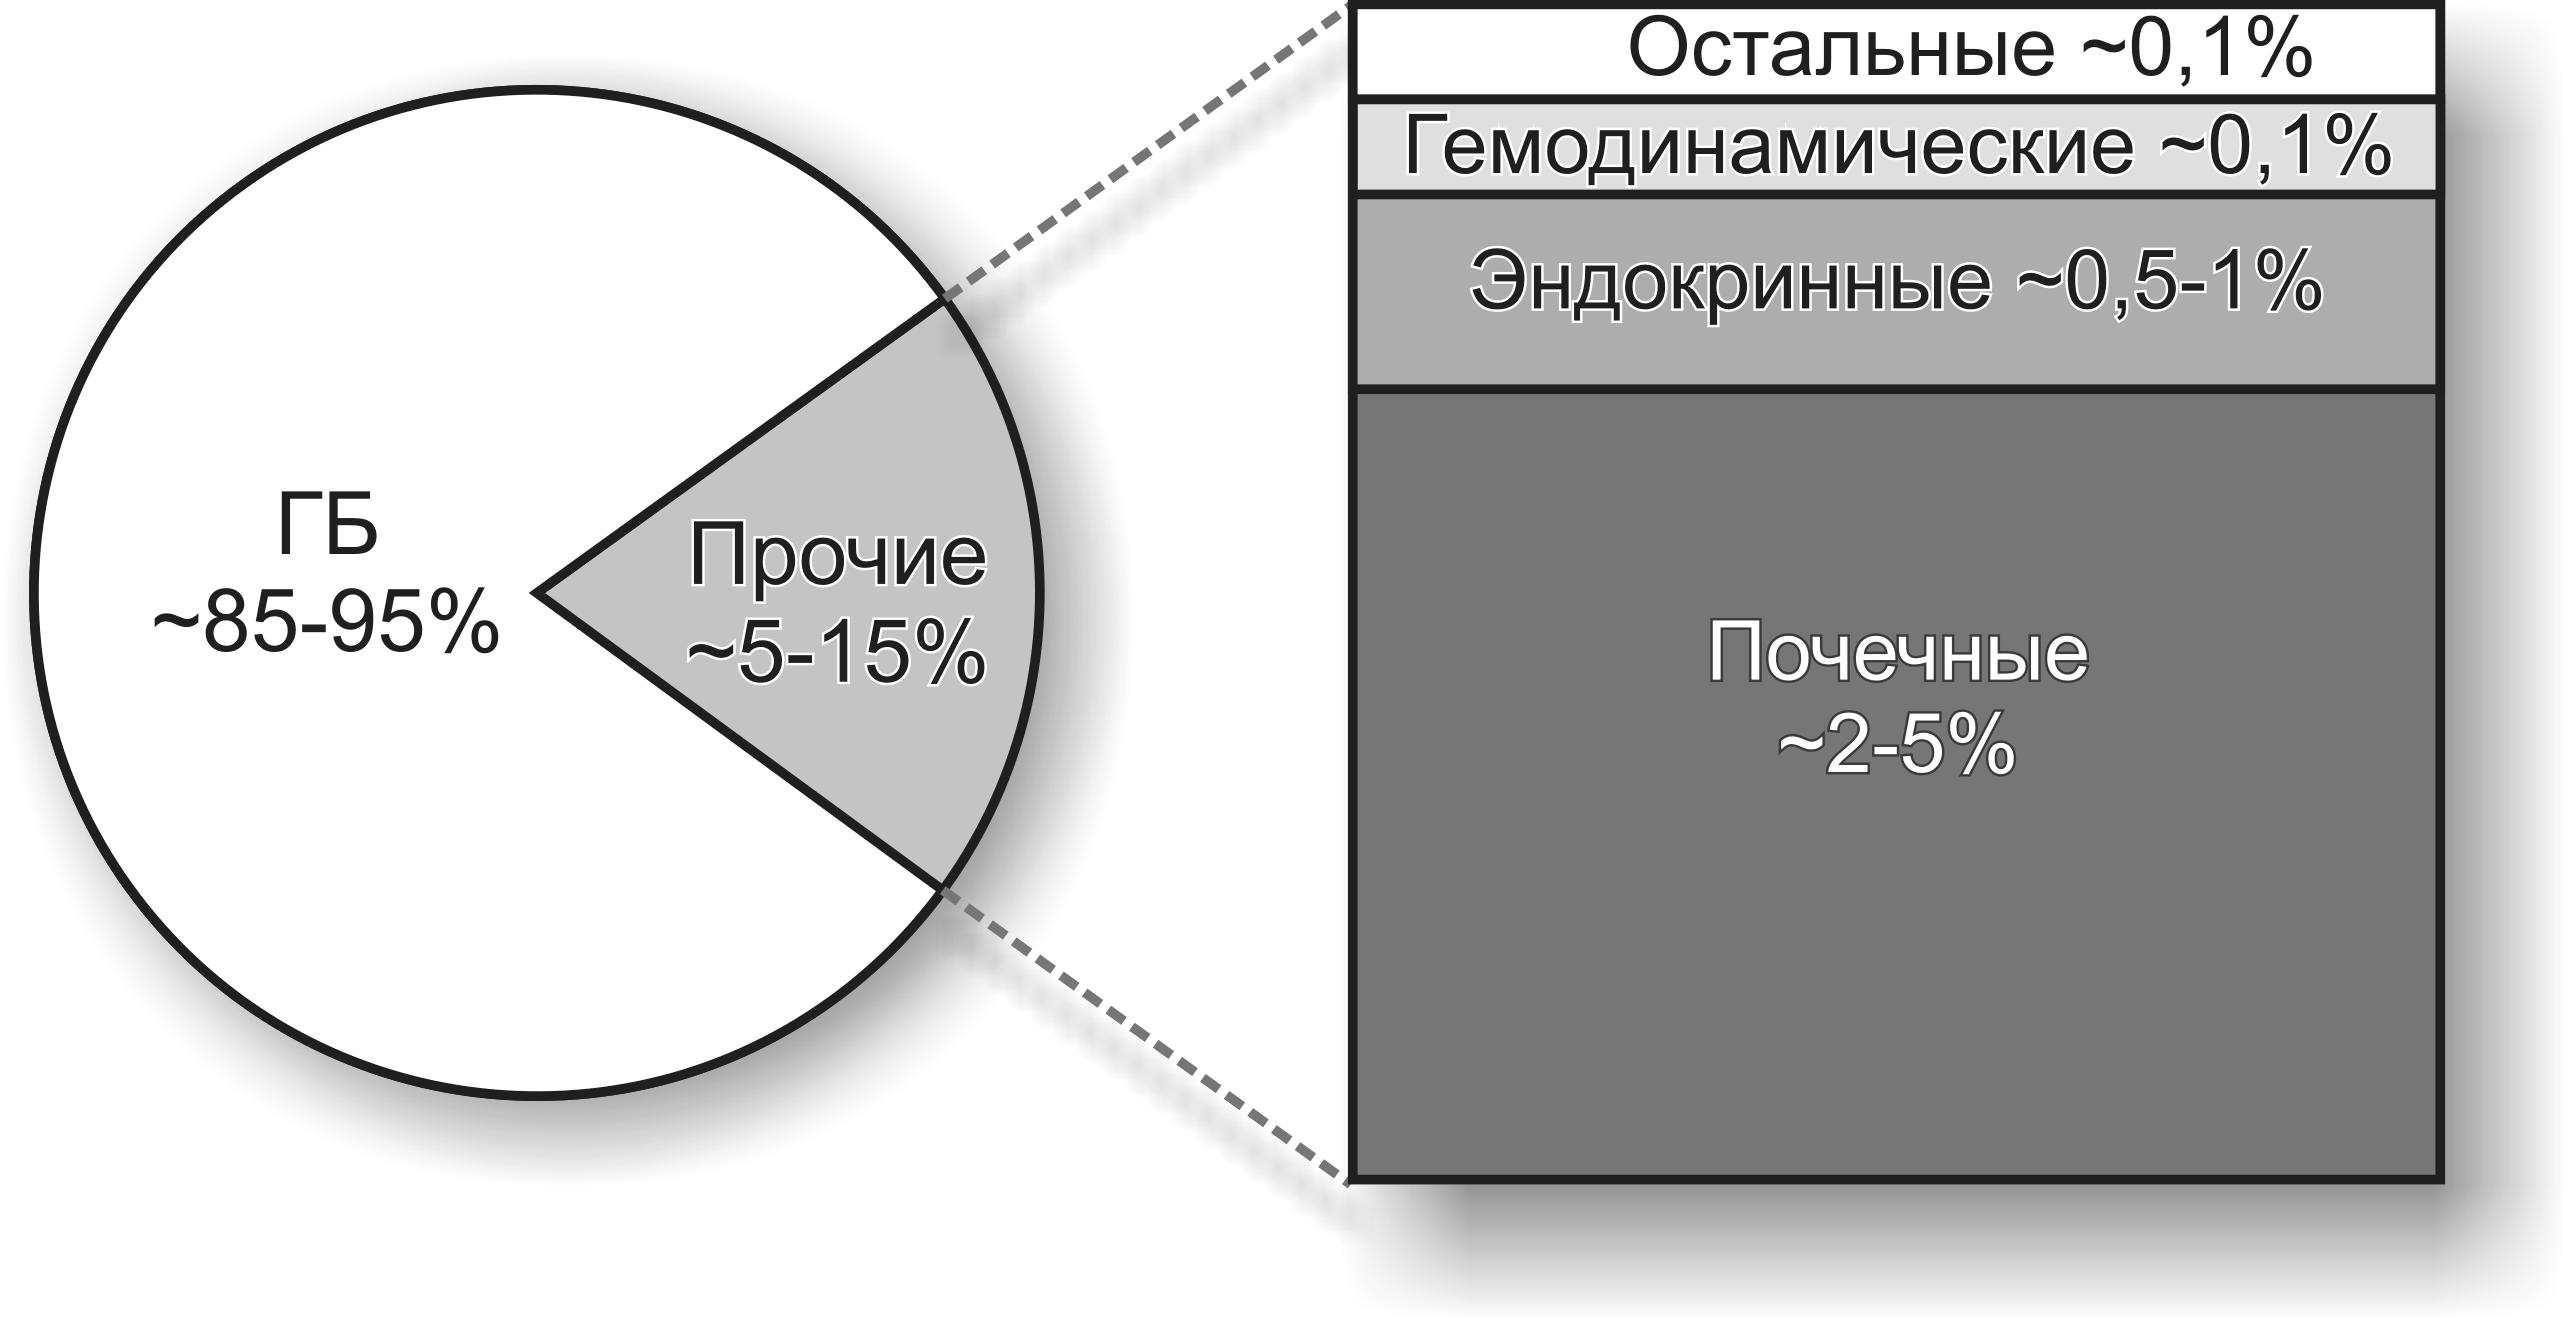 Разновидности гипертонии виды нарушения артериального давления